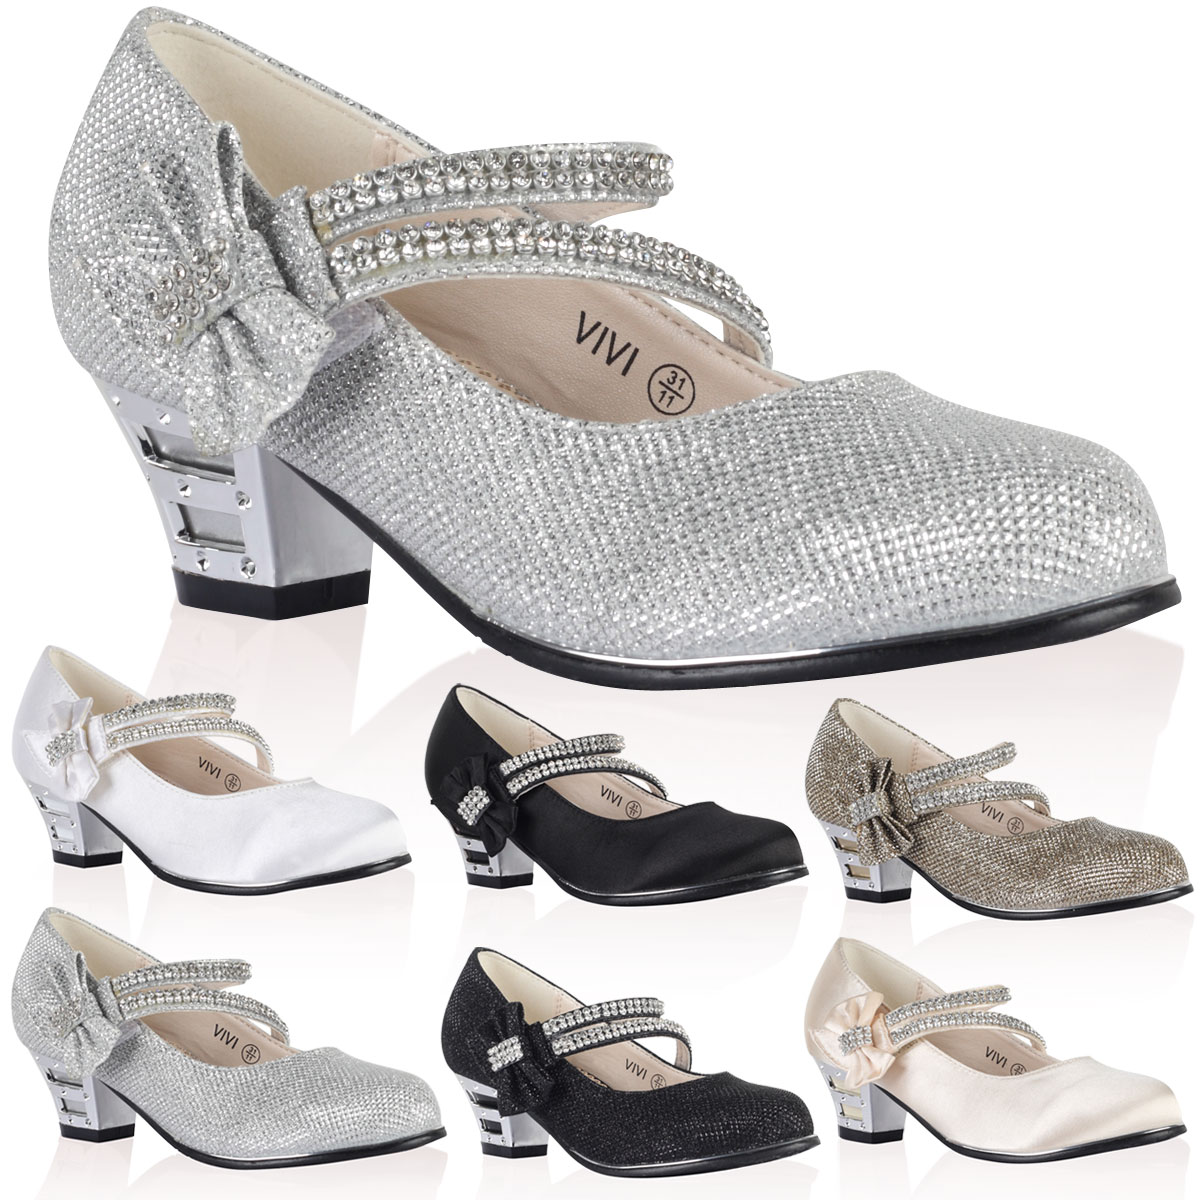 Black Sparkle Shoes Low Heel